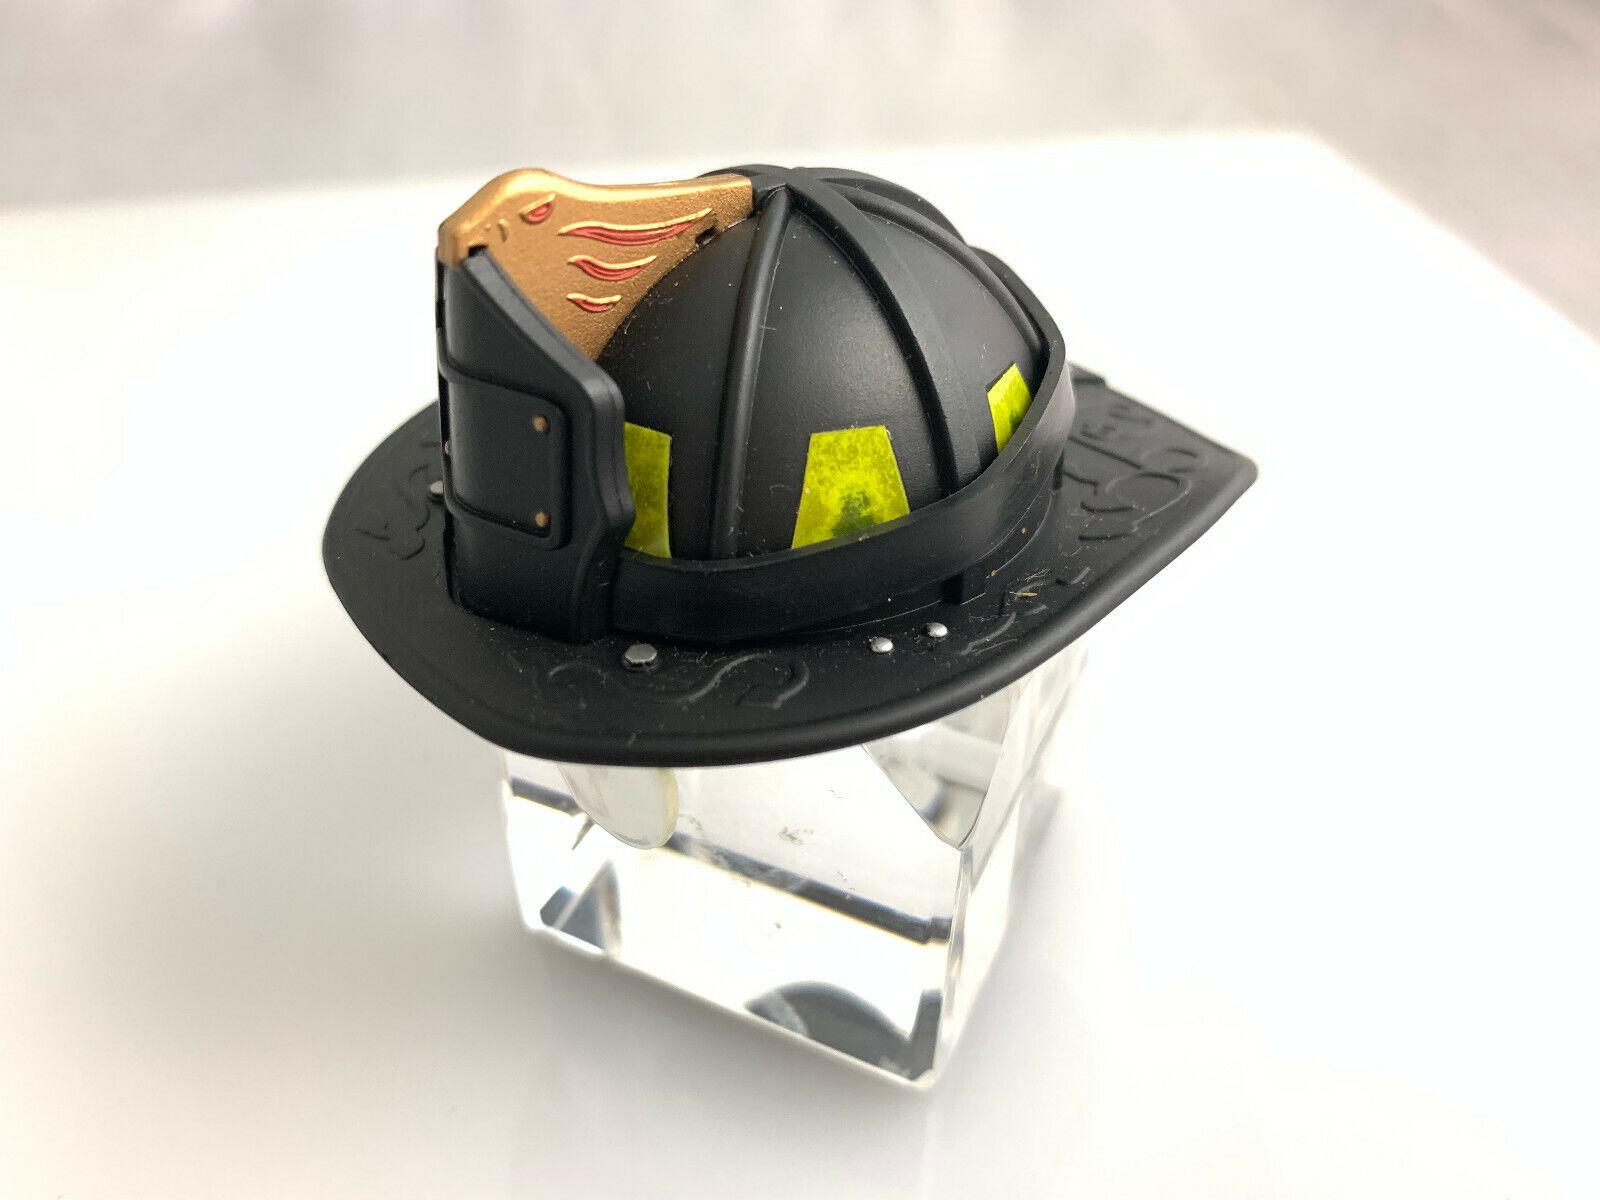 1 6  bbi Elite Force US Fire Dept. Emergency Services - Firehomme Helmet  obtenir la dernière